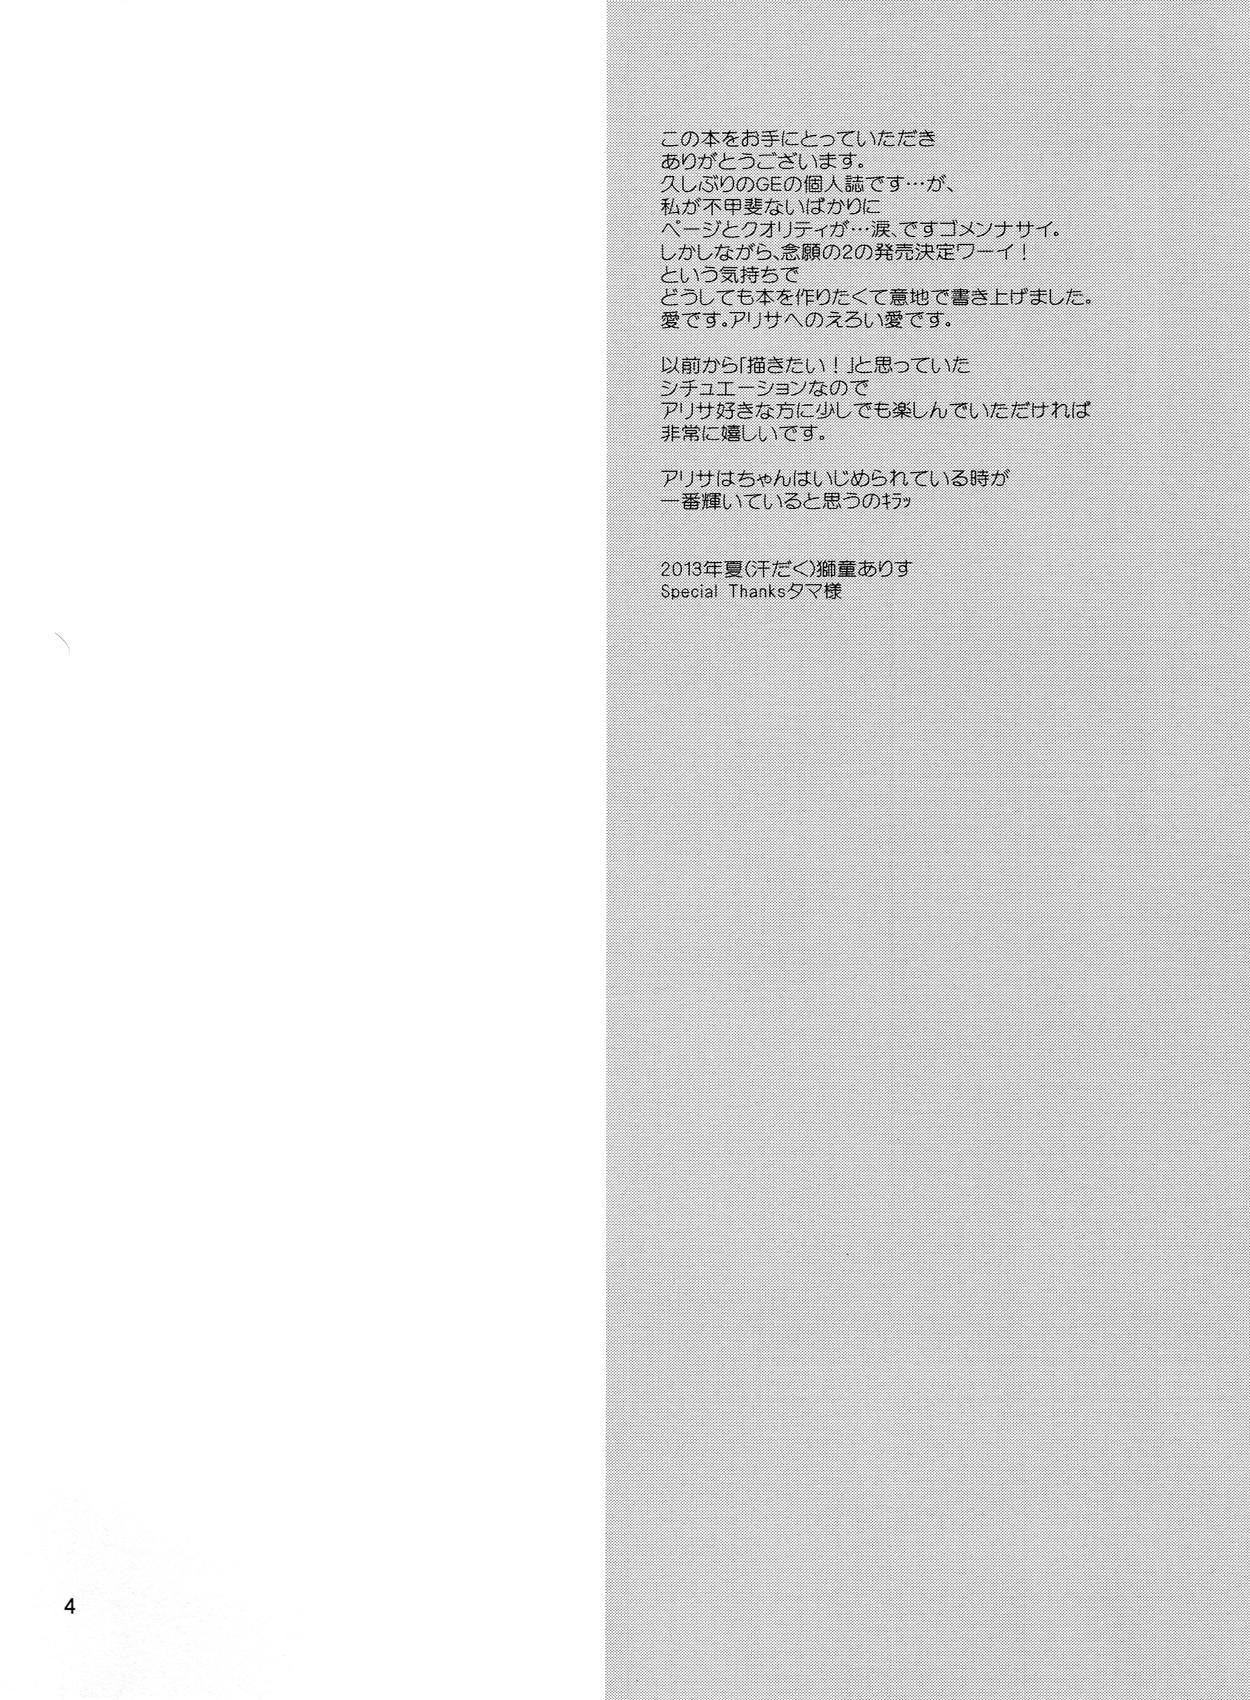 Oshioki Alisa 2